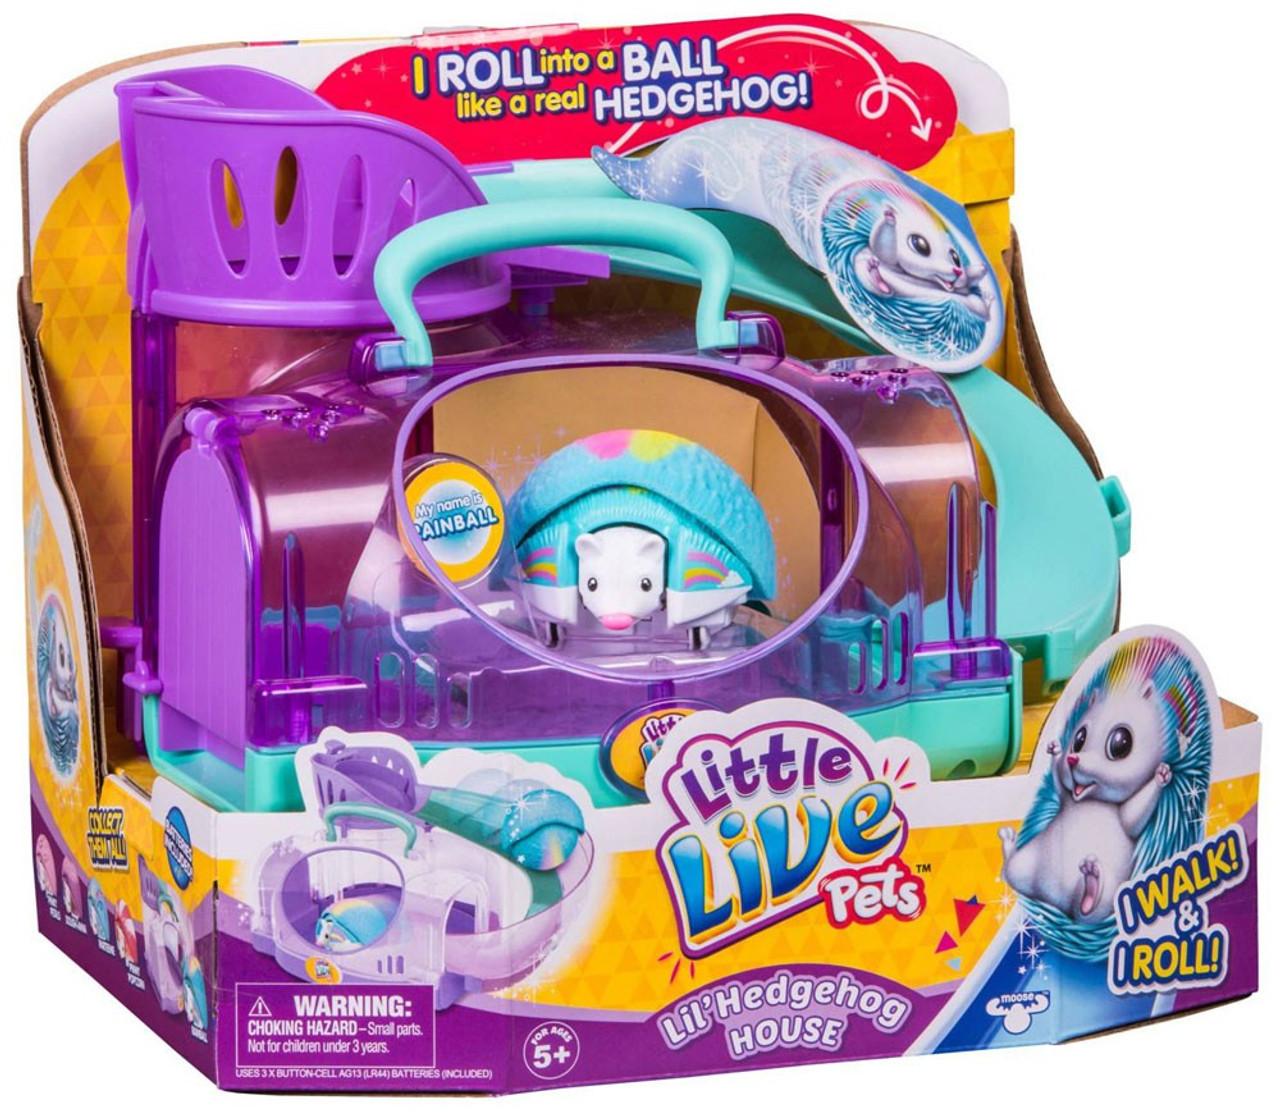 0e048a71c742 Little Live Pets Lil Hedgehog House Figure with Rainball Moose Toys - ToyWiz